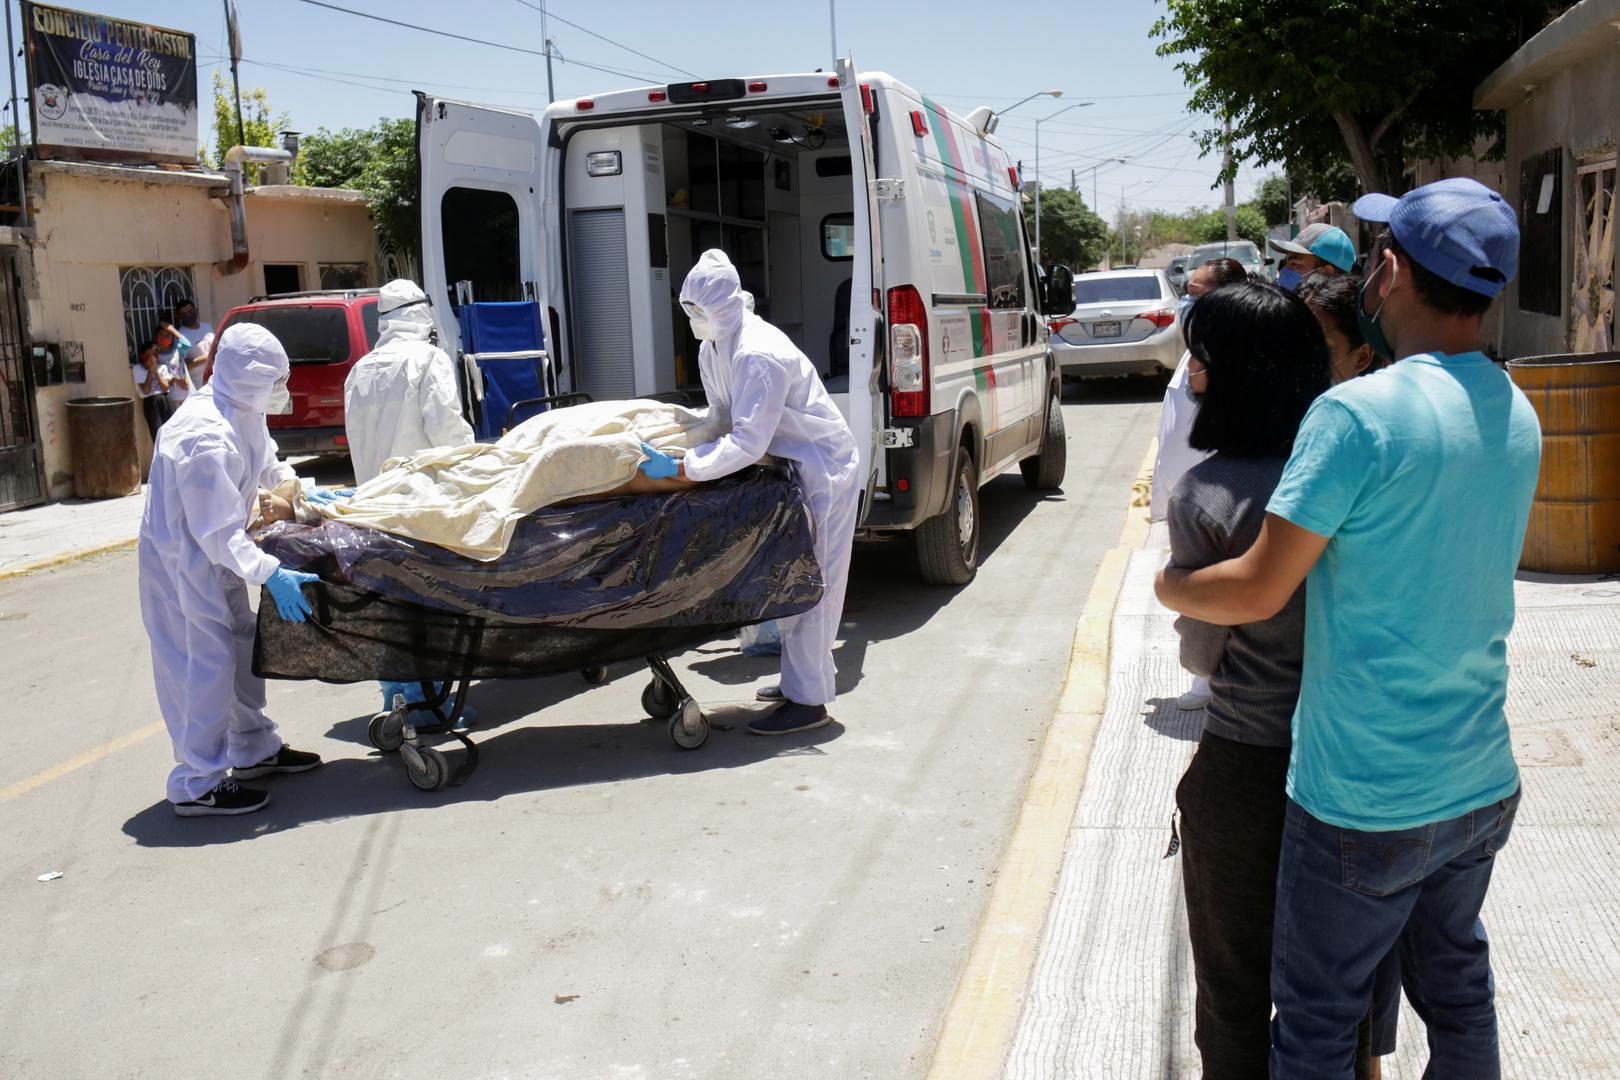 أحد ضحايا فيروس كورونا في مدينة سيوداد خواريز بالمكسيك